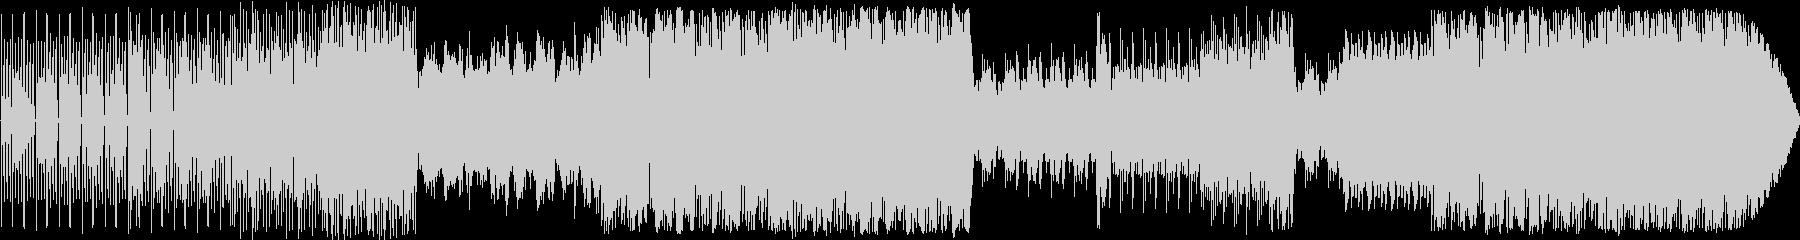 トークBGMにぴったりのデジタルビートの未再生の波形